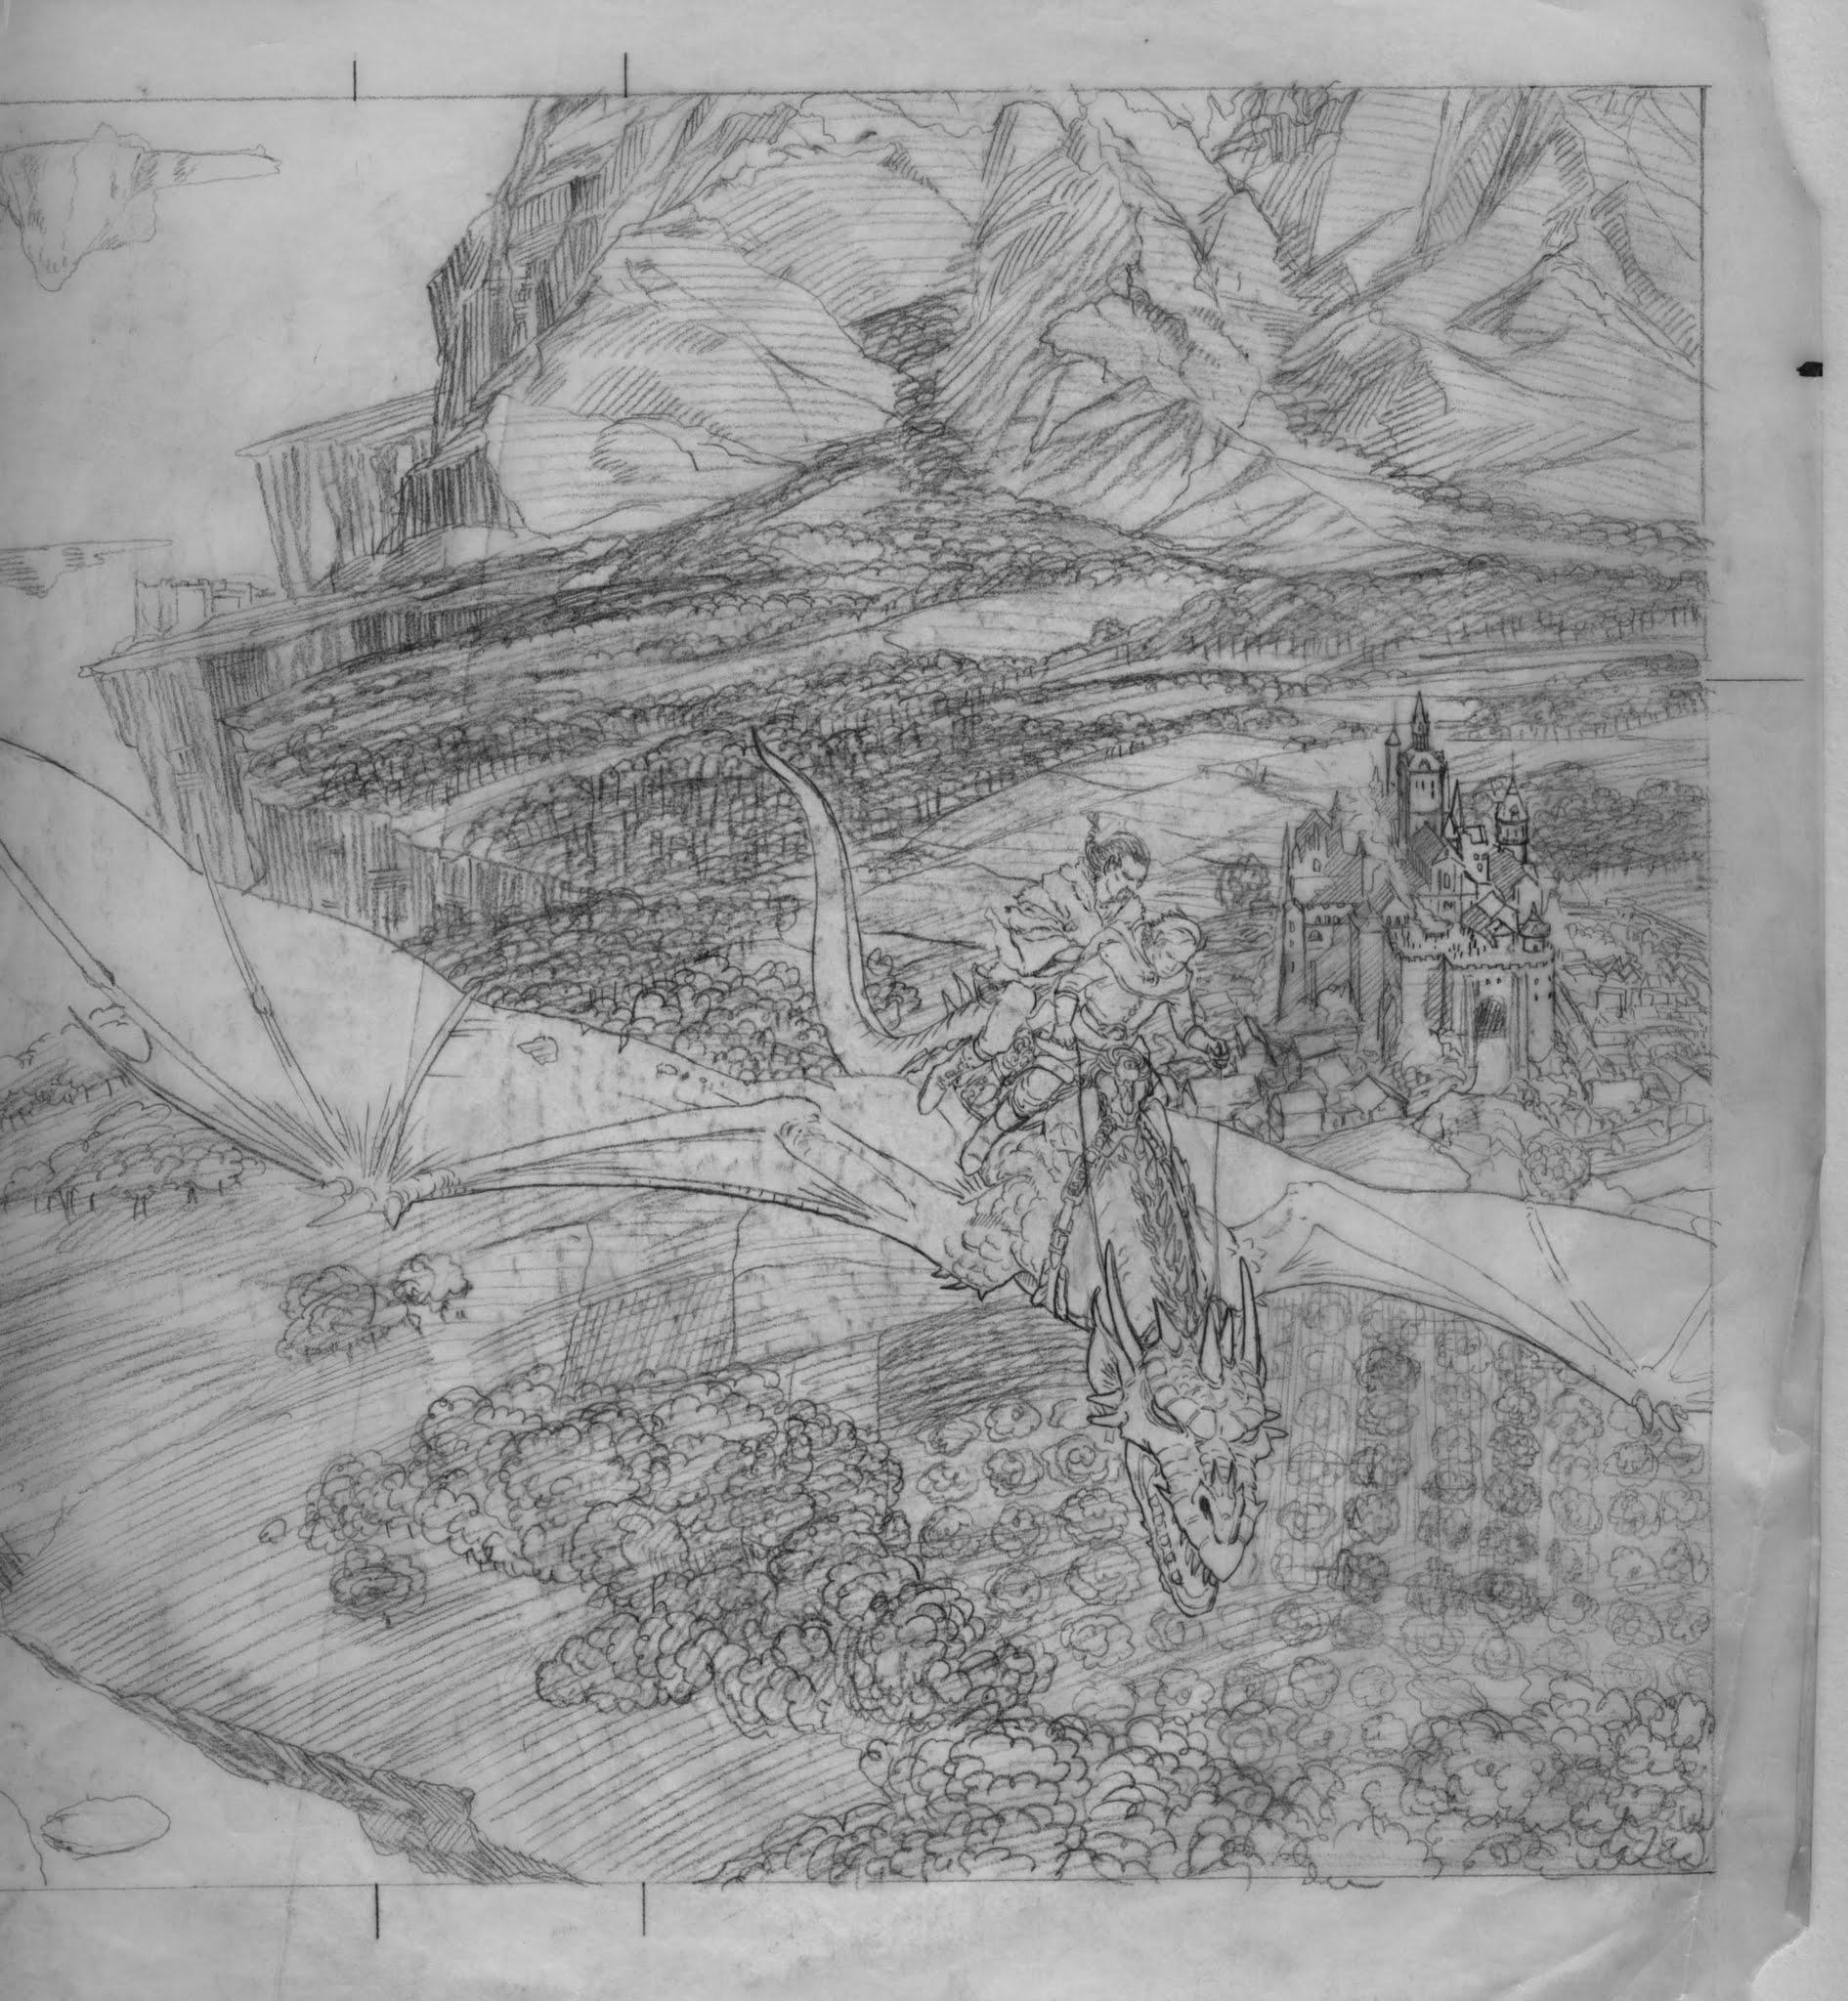 Original pencil sketch with dragon